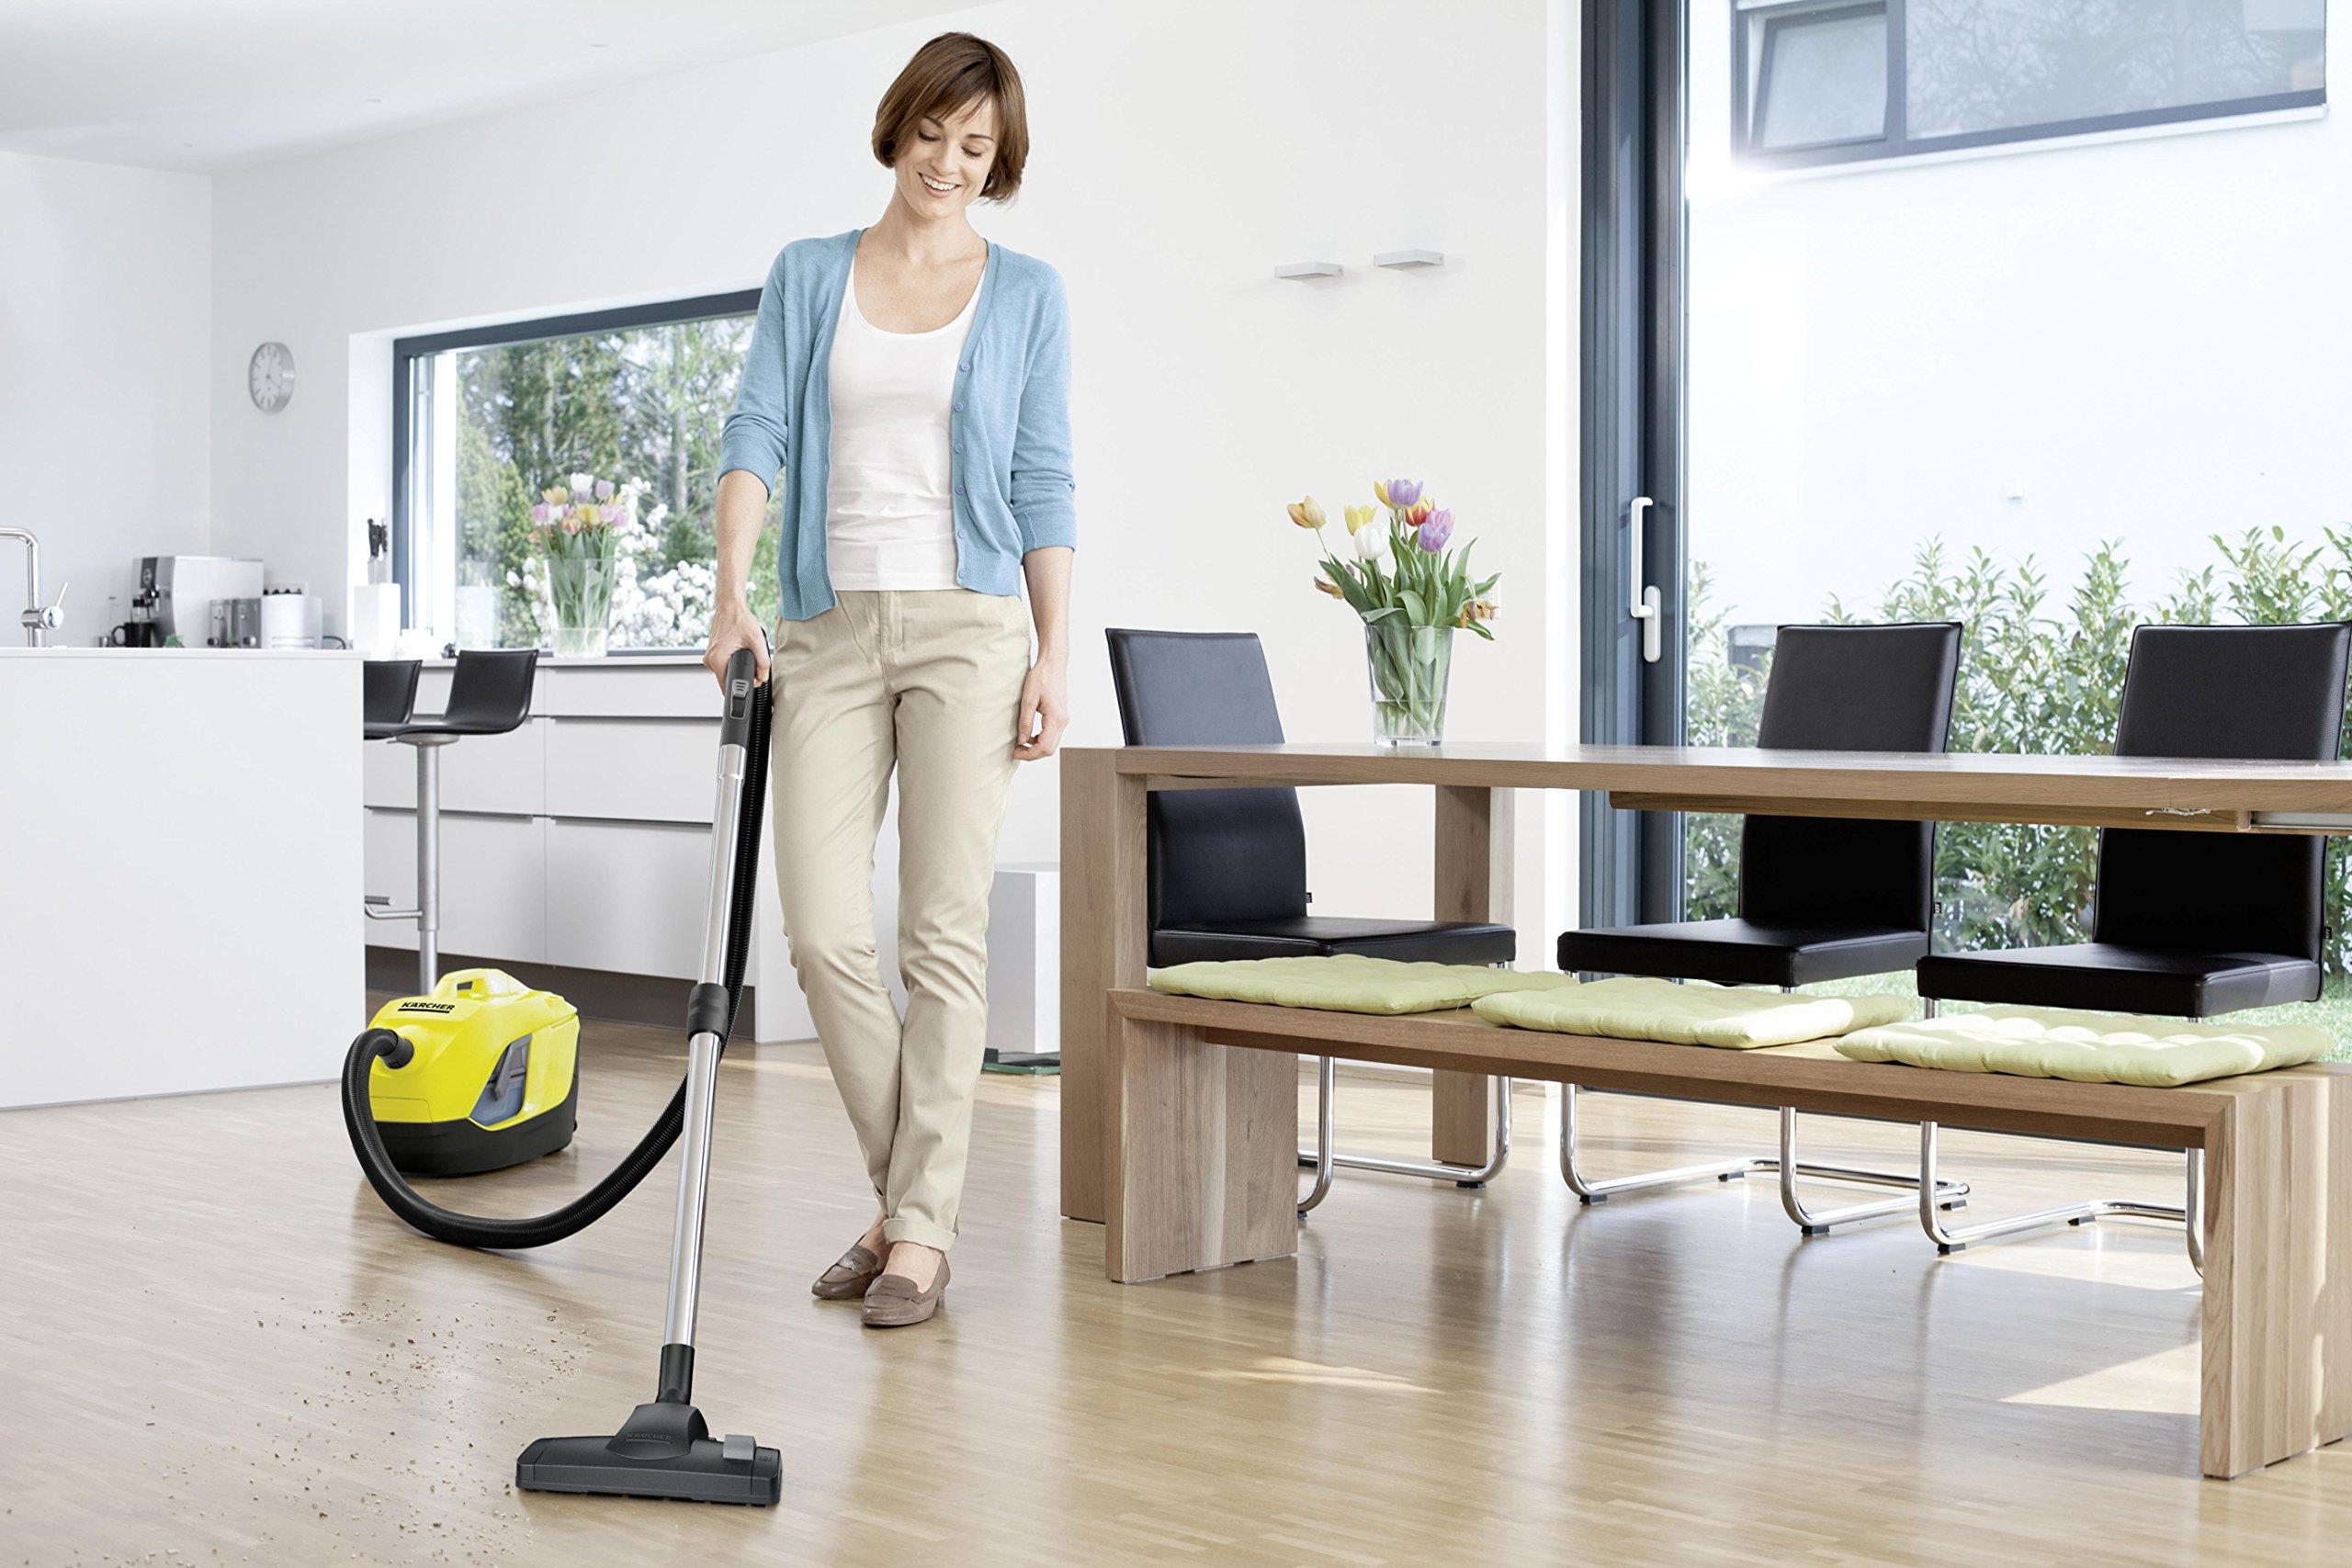 Kärcher Staubsauger VC 6 Premium inkl. Zubehör, energieeffizienter Boden-Staubsauger für Teppich, Ecken & Polster, mit…